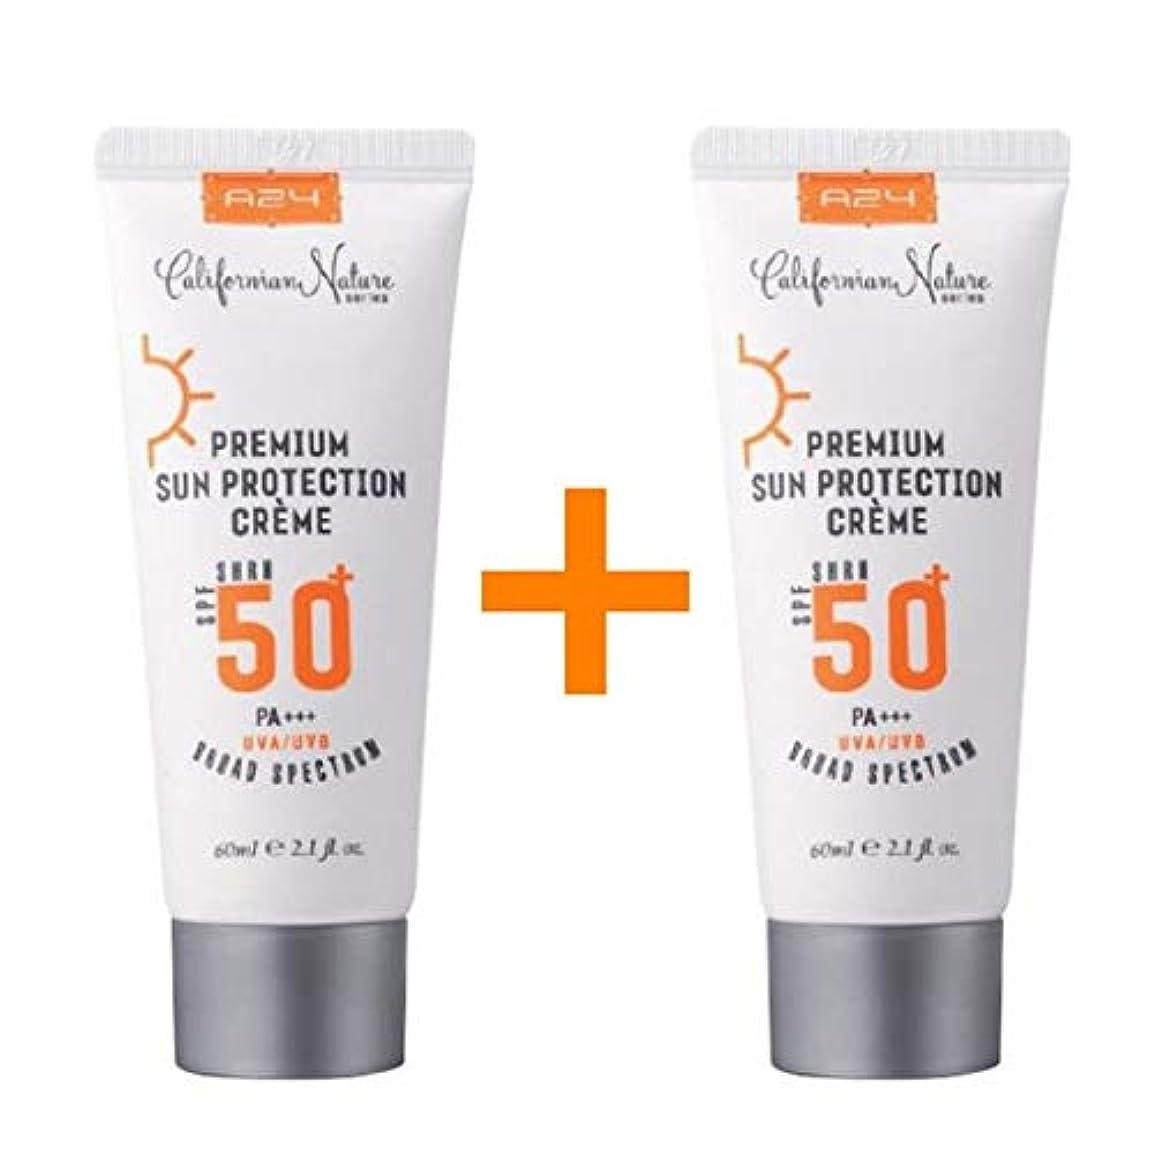 ネットニッケル汚れた[1 + 1 ] A24 プレミアム サン プロテクション クリーム 60ml (SPF50+/PA+++) / Premium Sun Protection Cream/米国コスメ 米国日焼け止め